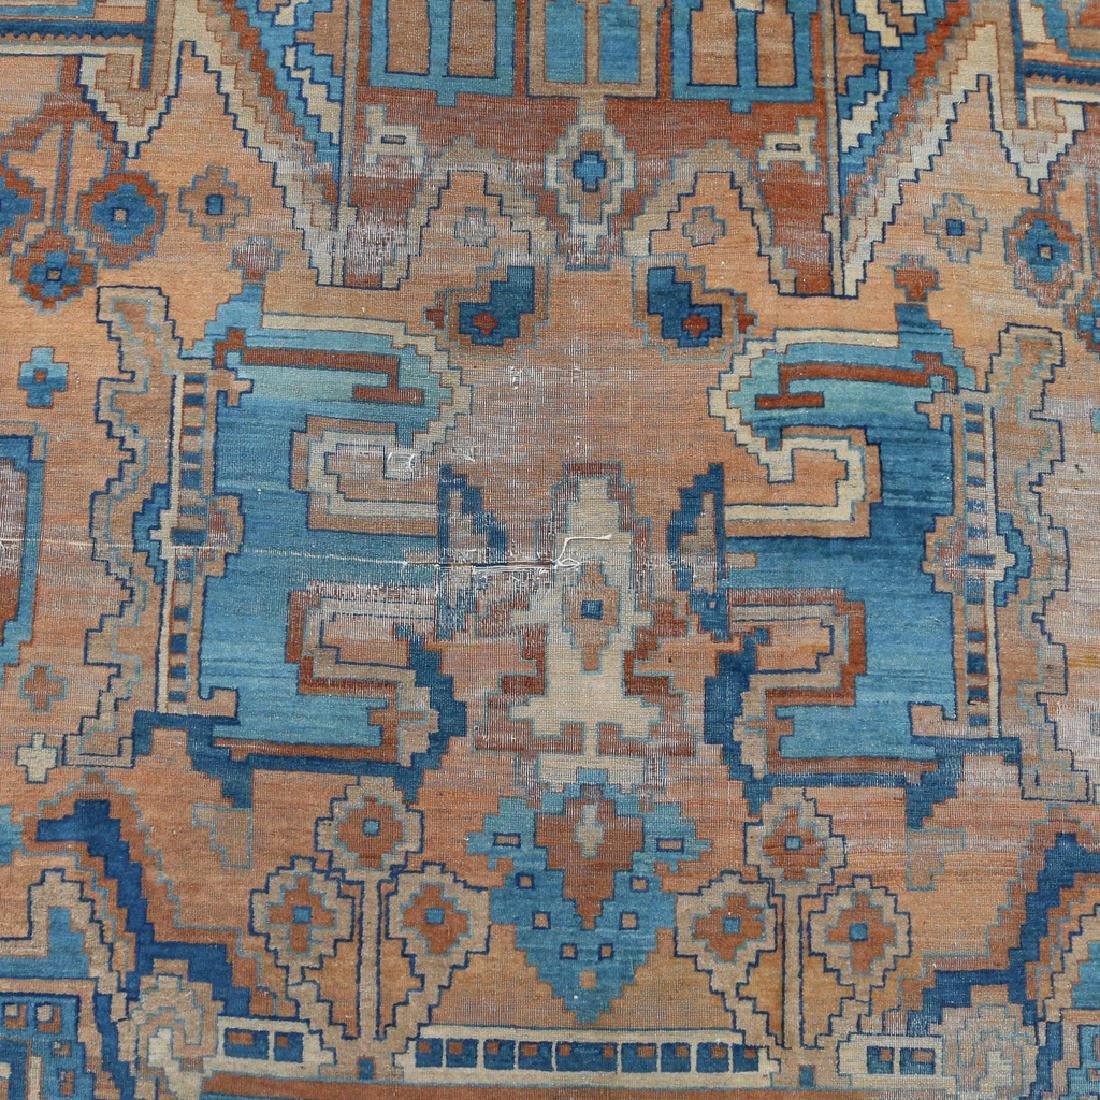 UNUSUAL PERSIAN OR INDIAN GEOMETRIC CARPET - 6